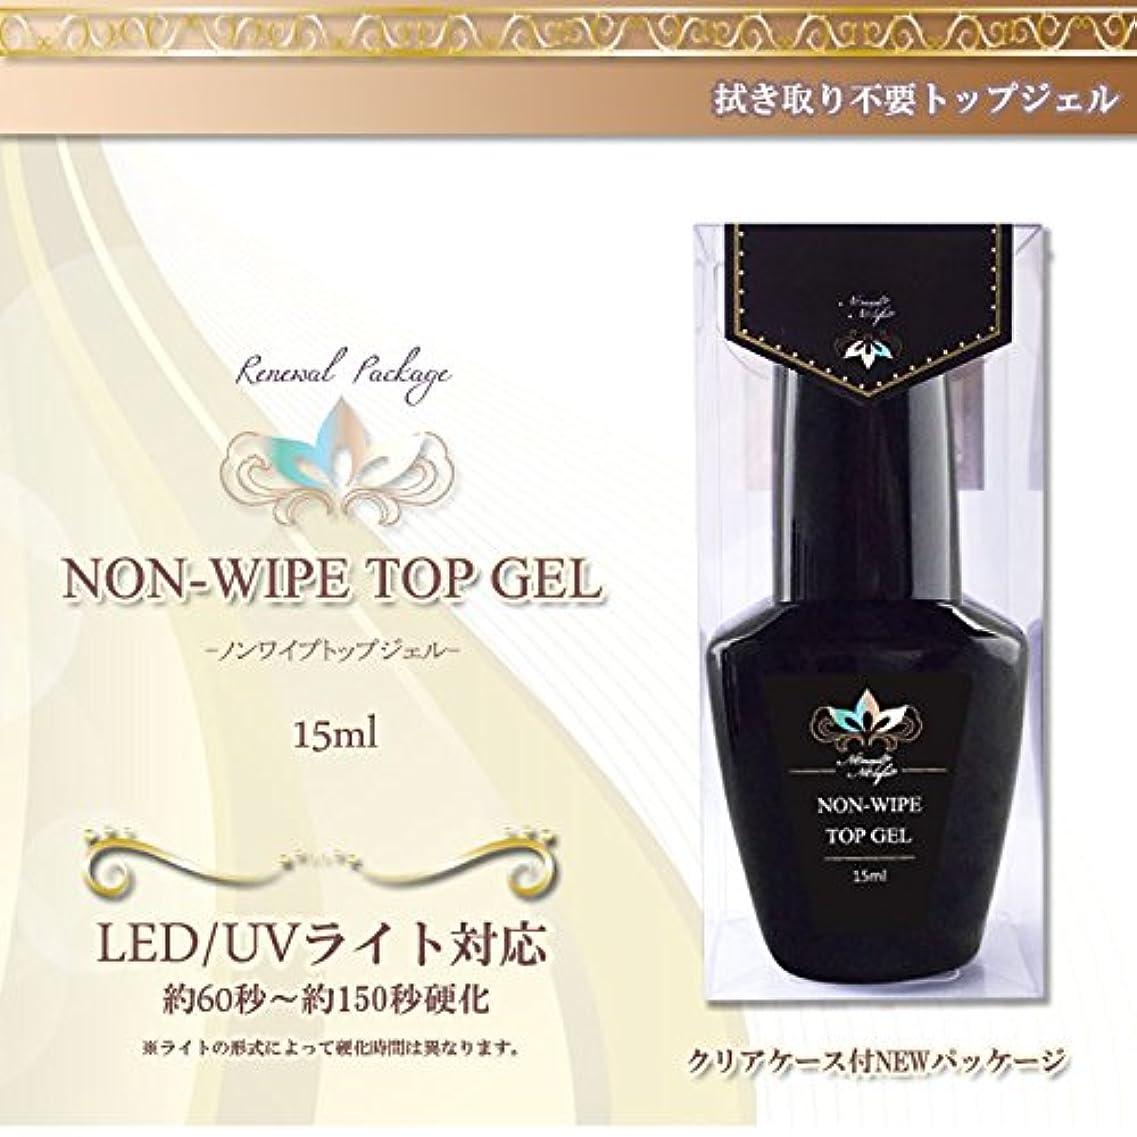 【ジェルネイル】NON-WIPE ノンワイプ トップジェル〈 拭き取り不要 〉15mL